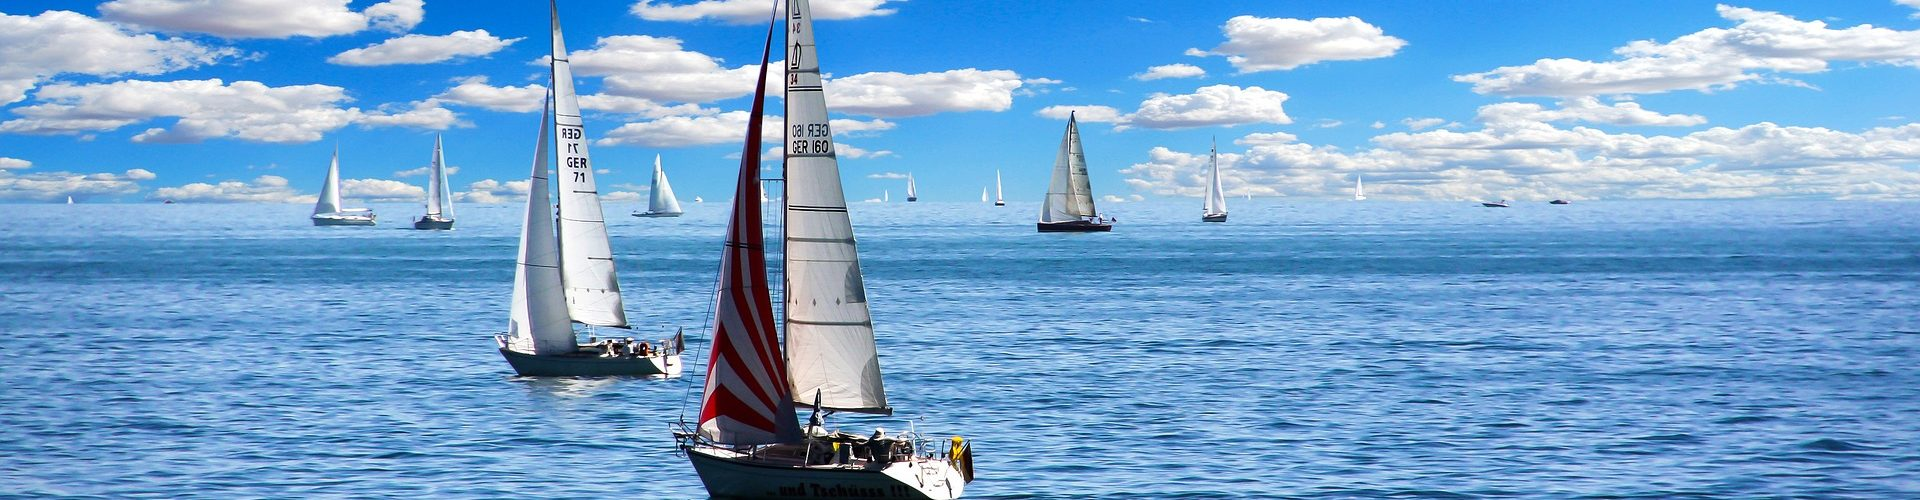 segeln lernen in Alperstedt segelschein machen in Alperstedt 1920x500 - Segeln lernen in Alperstedt